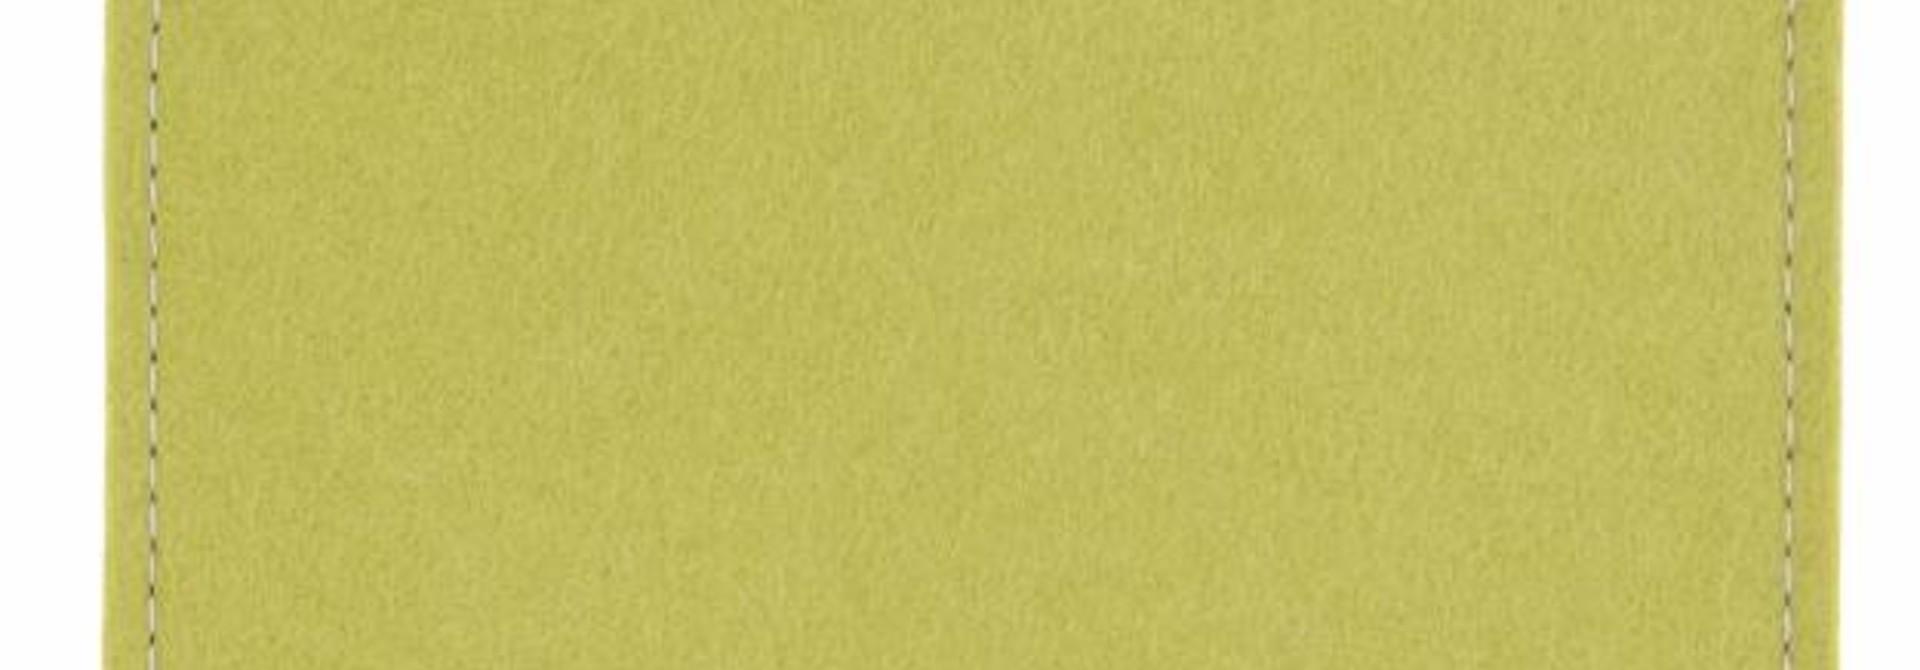 Kindle Fire Sleeve Lime-Green